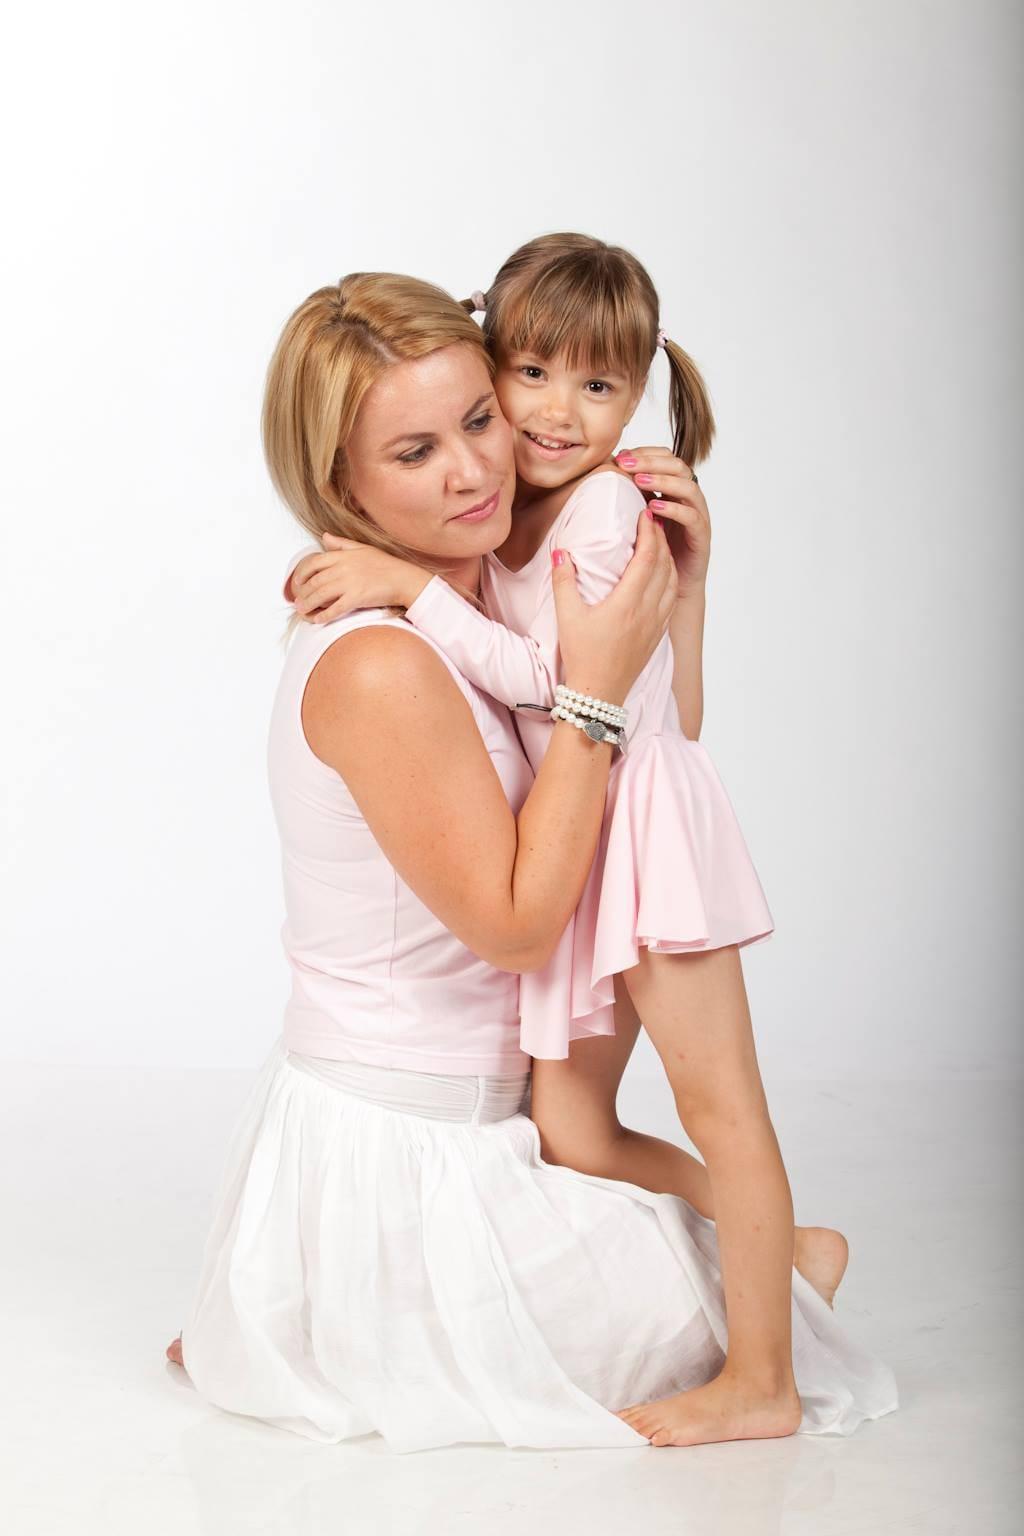 De ce este important să ne îmbrățisăm copiii? 1